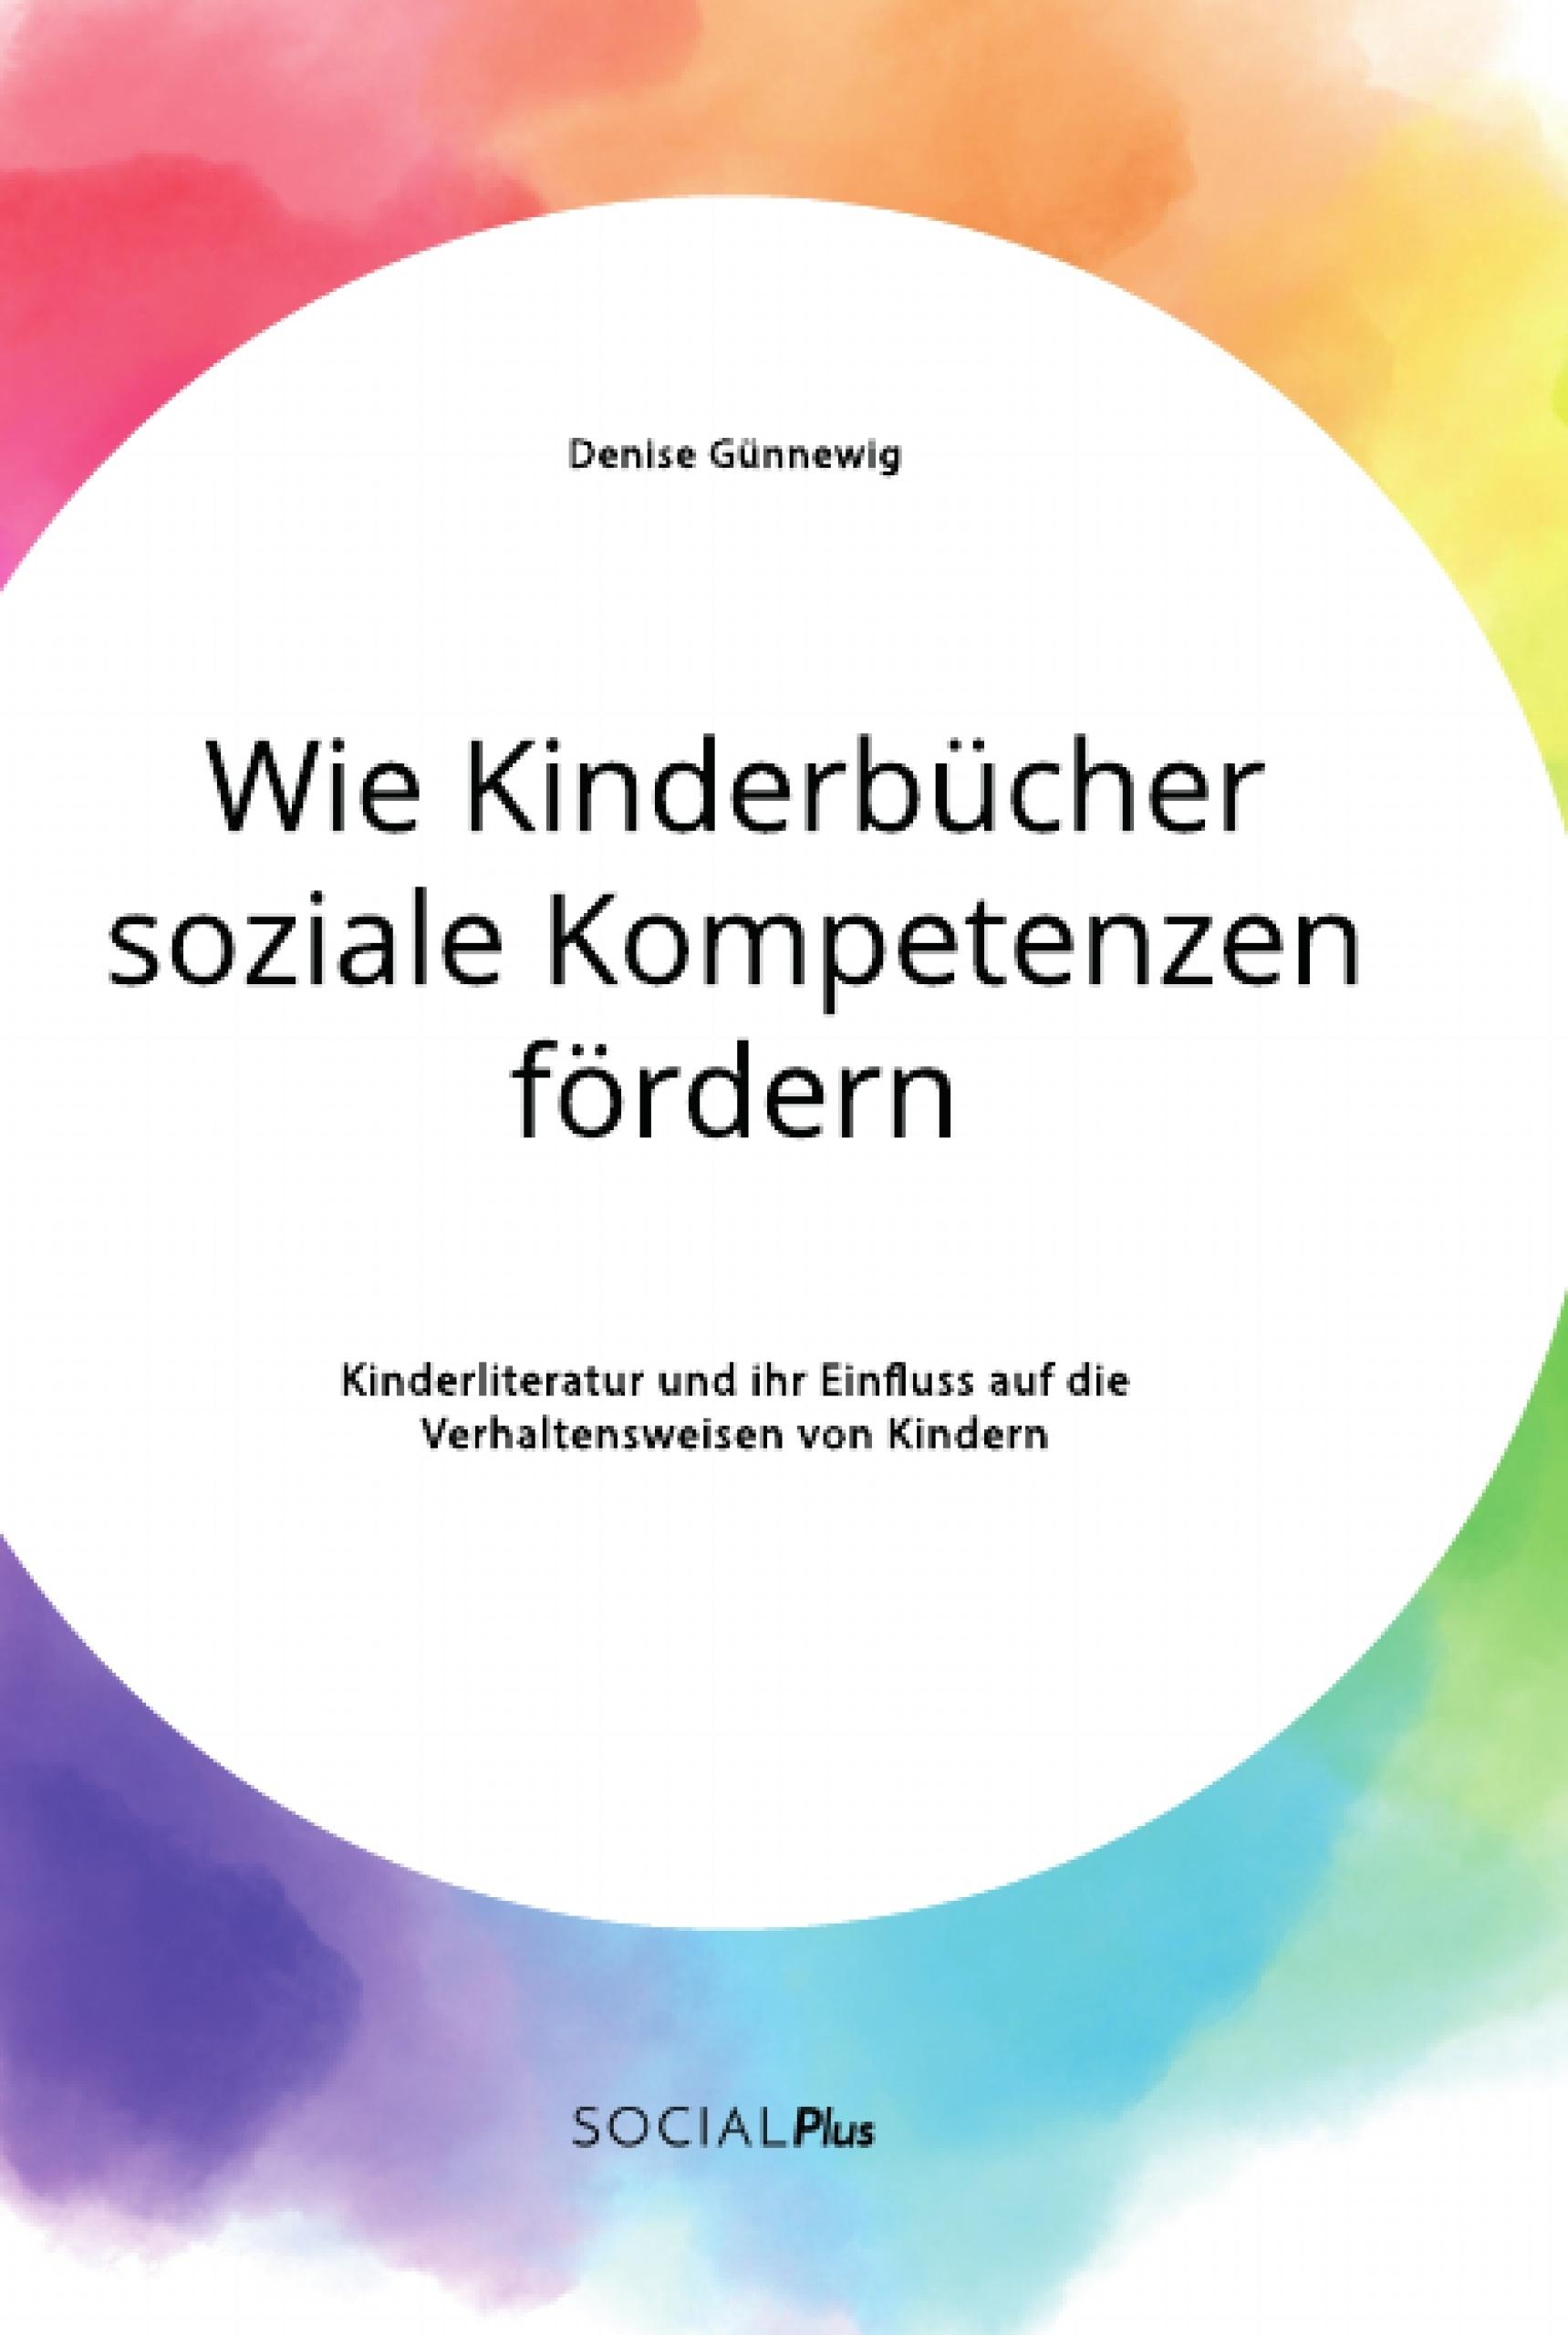 Titel: Wie Kinderbücher soziale Kompetenzen fördern. Kinderliteratur und ihr Einfluss auf die Verhaltensweisen von Kindern